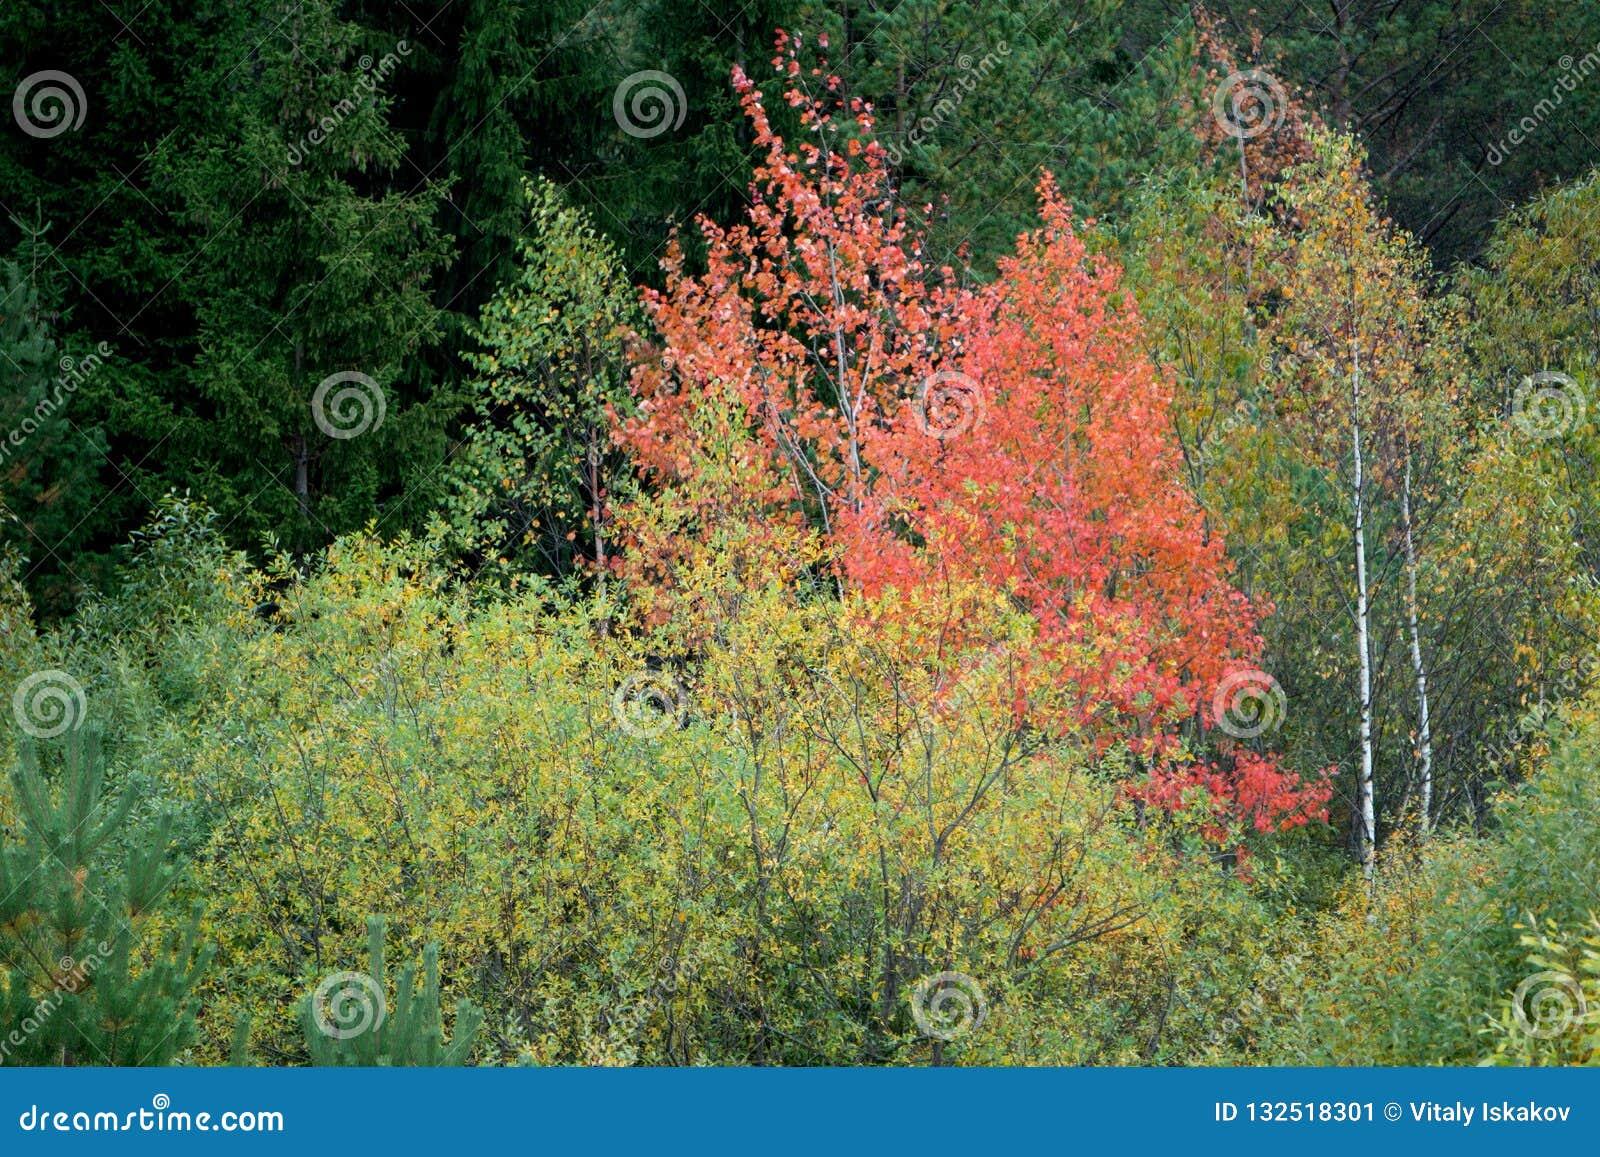 Aspen Tree Getting Ready om kleur te draaien